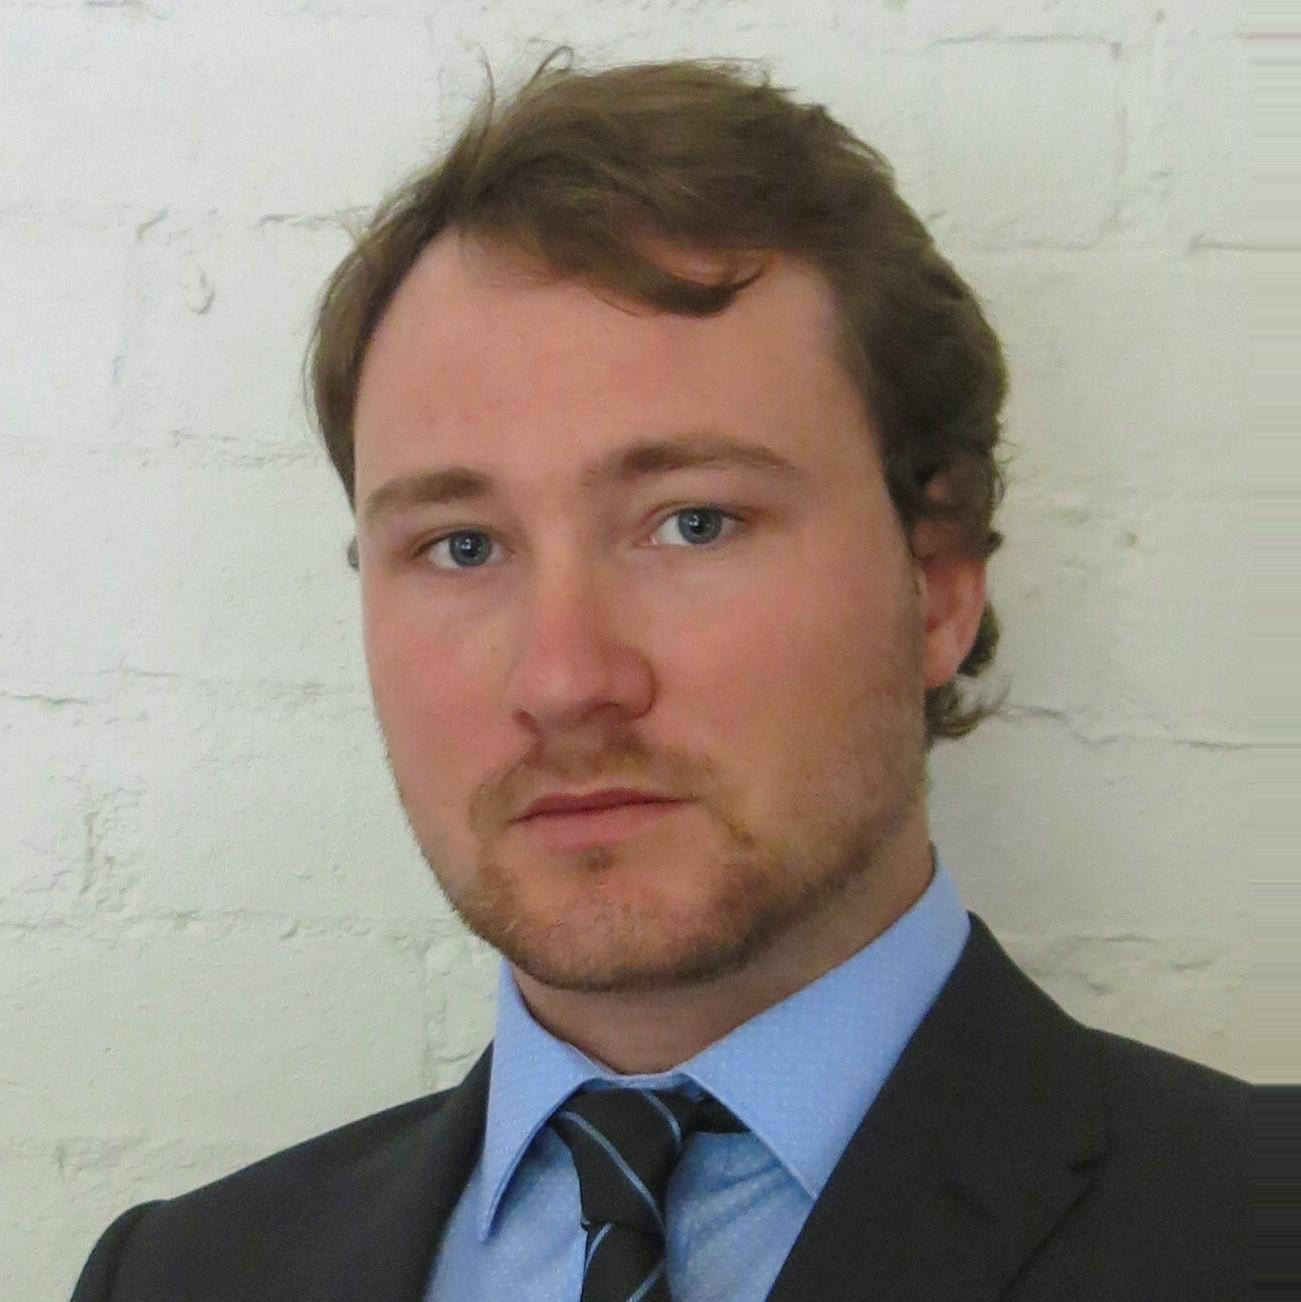 Shane Preuss